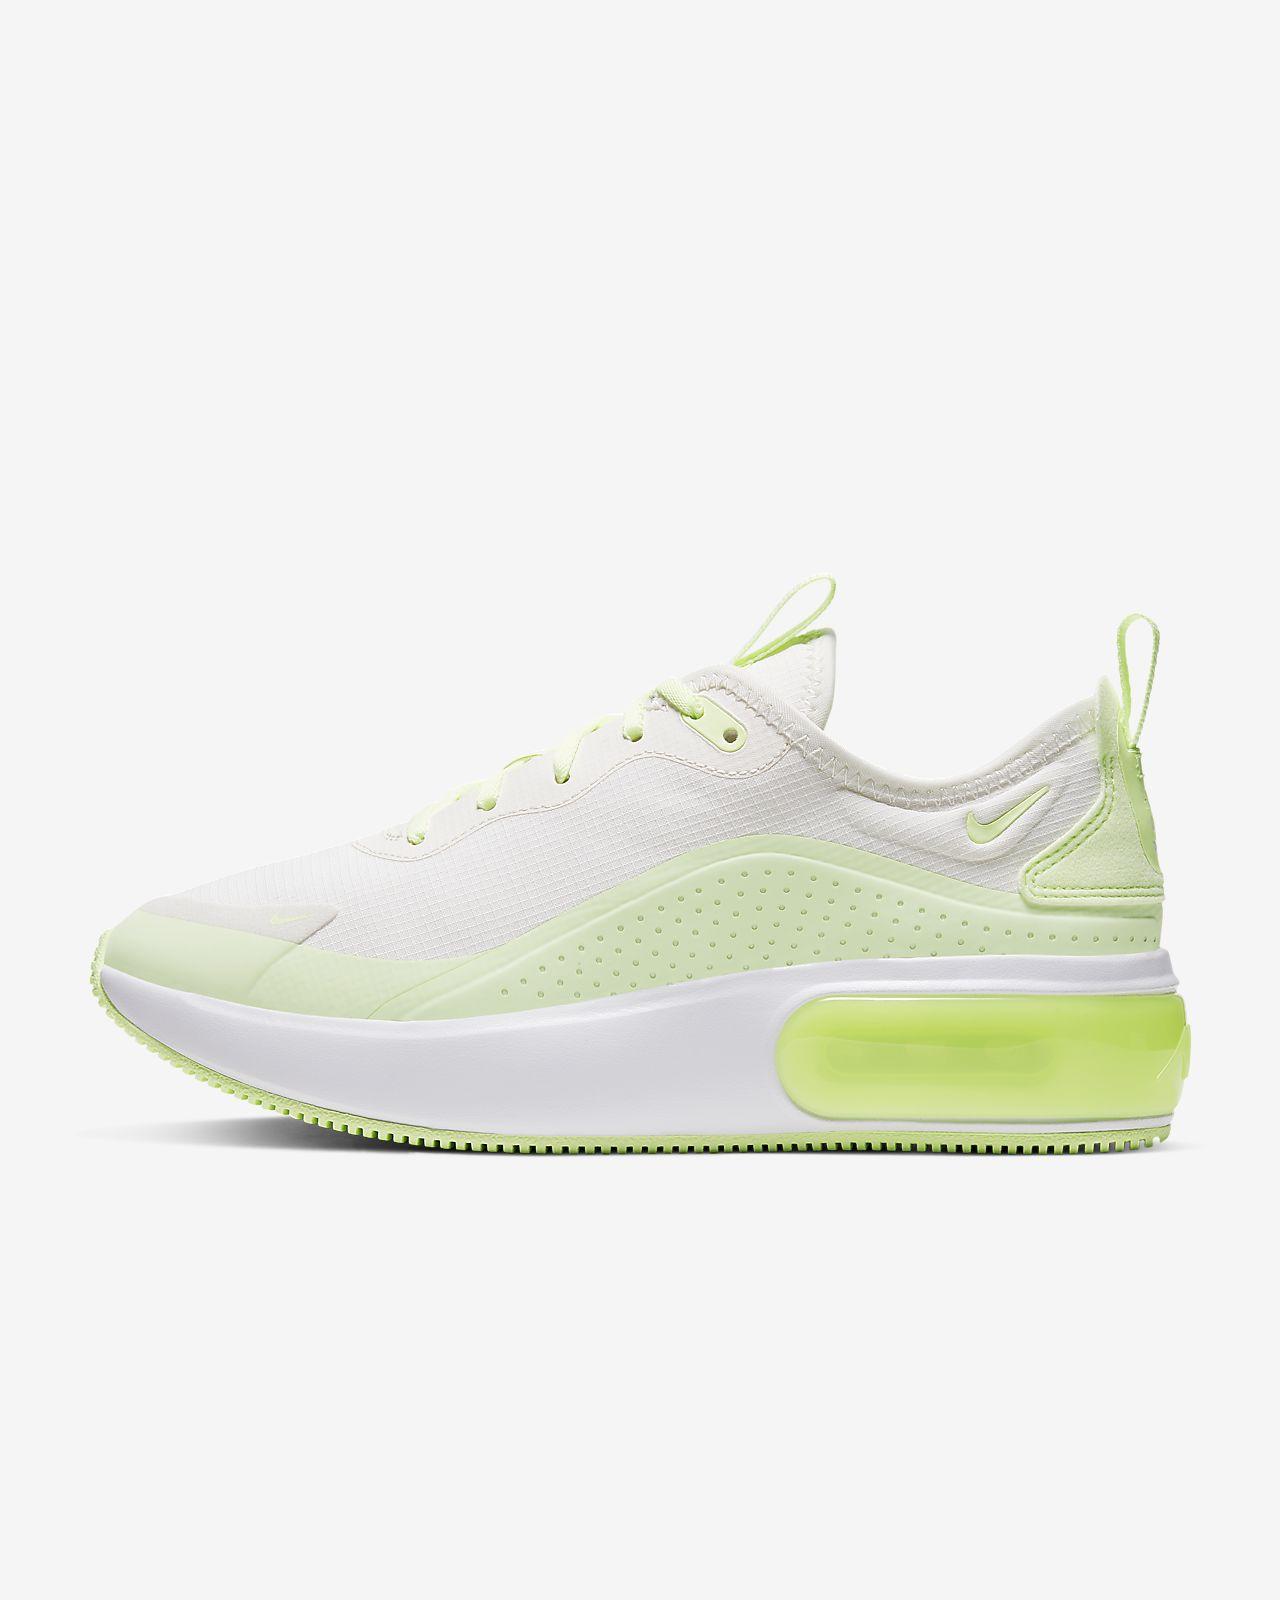 newest e07d0 2861c ... Nike Air Max Dia Shoe